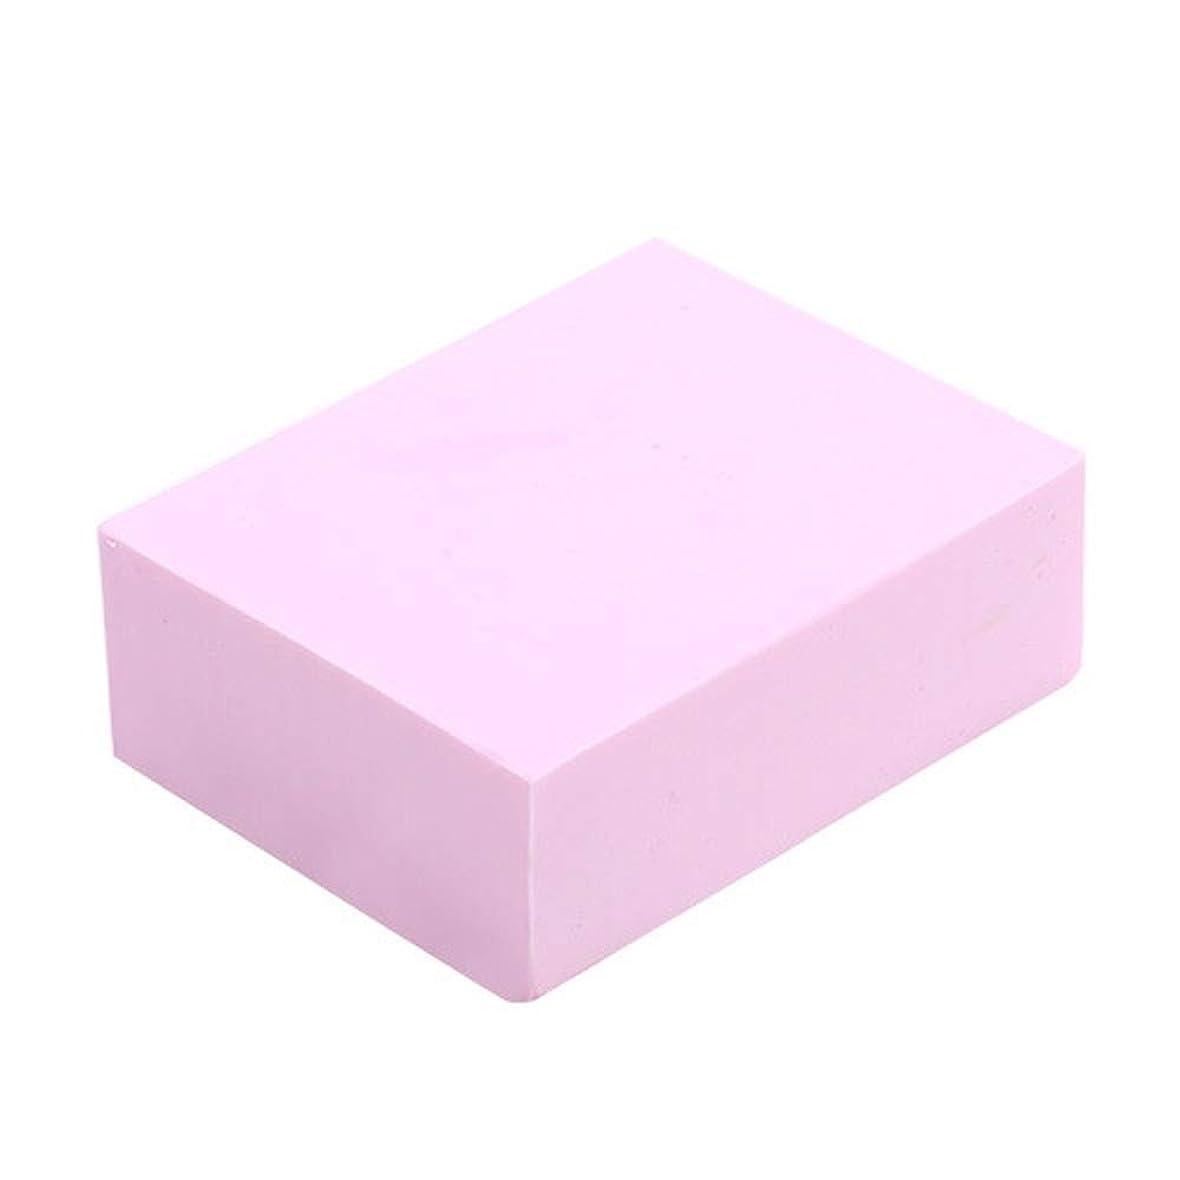 ピルカタログ財団Baby Scrub Sponge Scrub Artifact Adults and Children Do Not Hurt The Skin Soft Scrub (Pink)